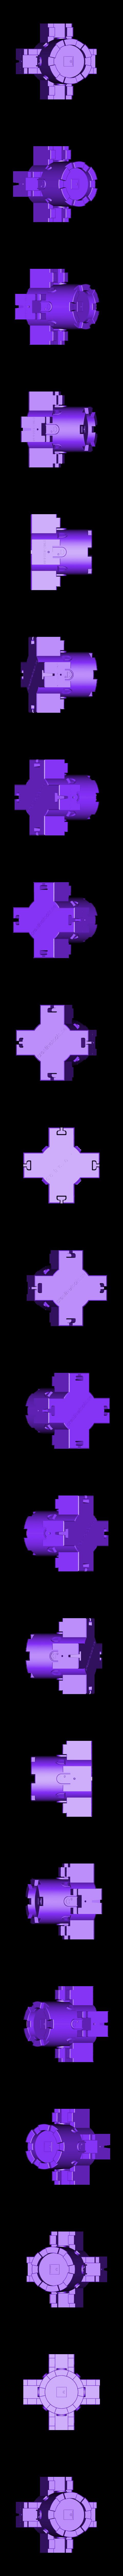 Round_Tower_+_Closed_(Modular Castle Playset - 3D-printable)_By_CreativeTools.se.stl Télécharger fichier STL gratuit Plateau modulaire de château (imprimable en 3D) • Modèle à imprimer en 3D, CreativeTools